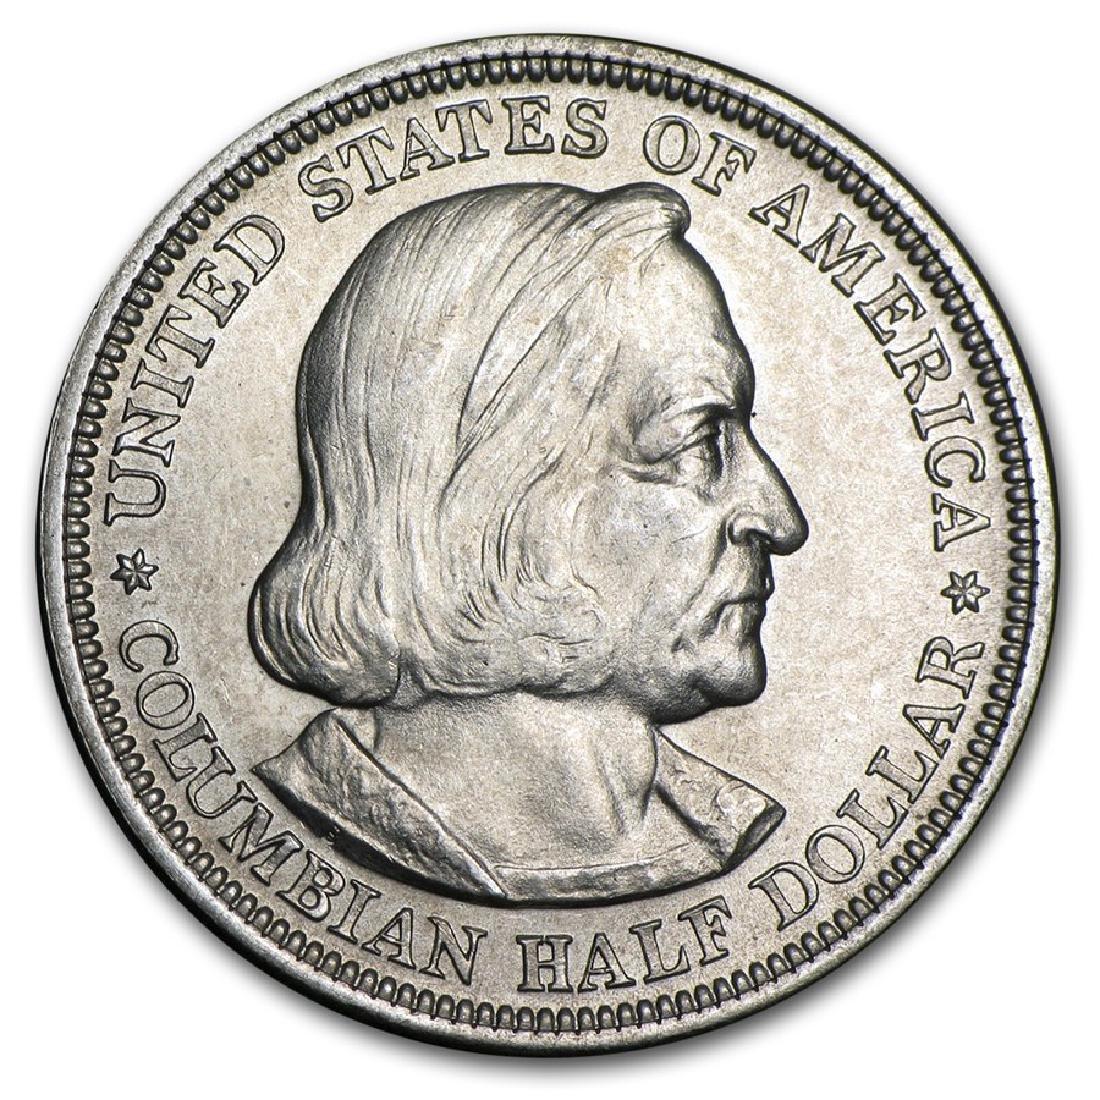 1892 Columbian Expo Silver Half Dollar Coin